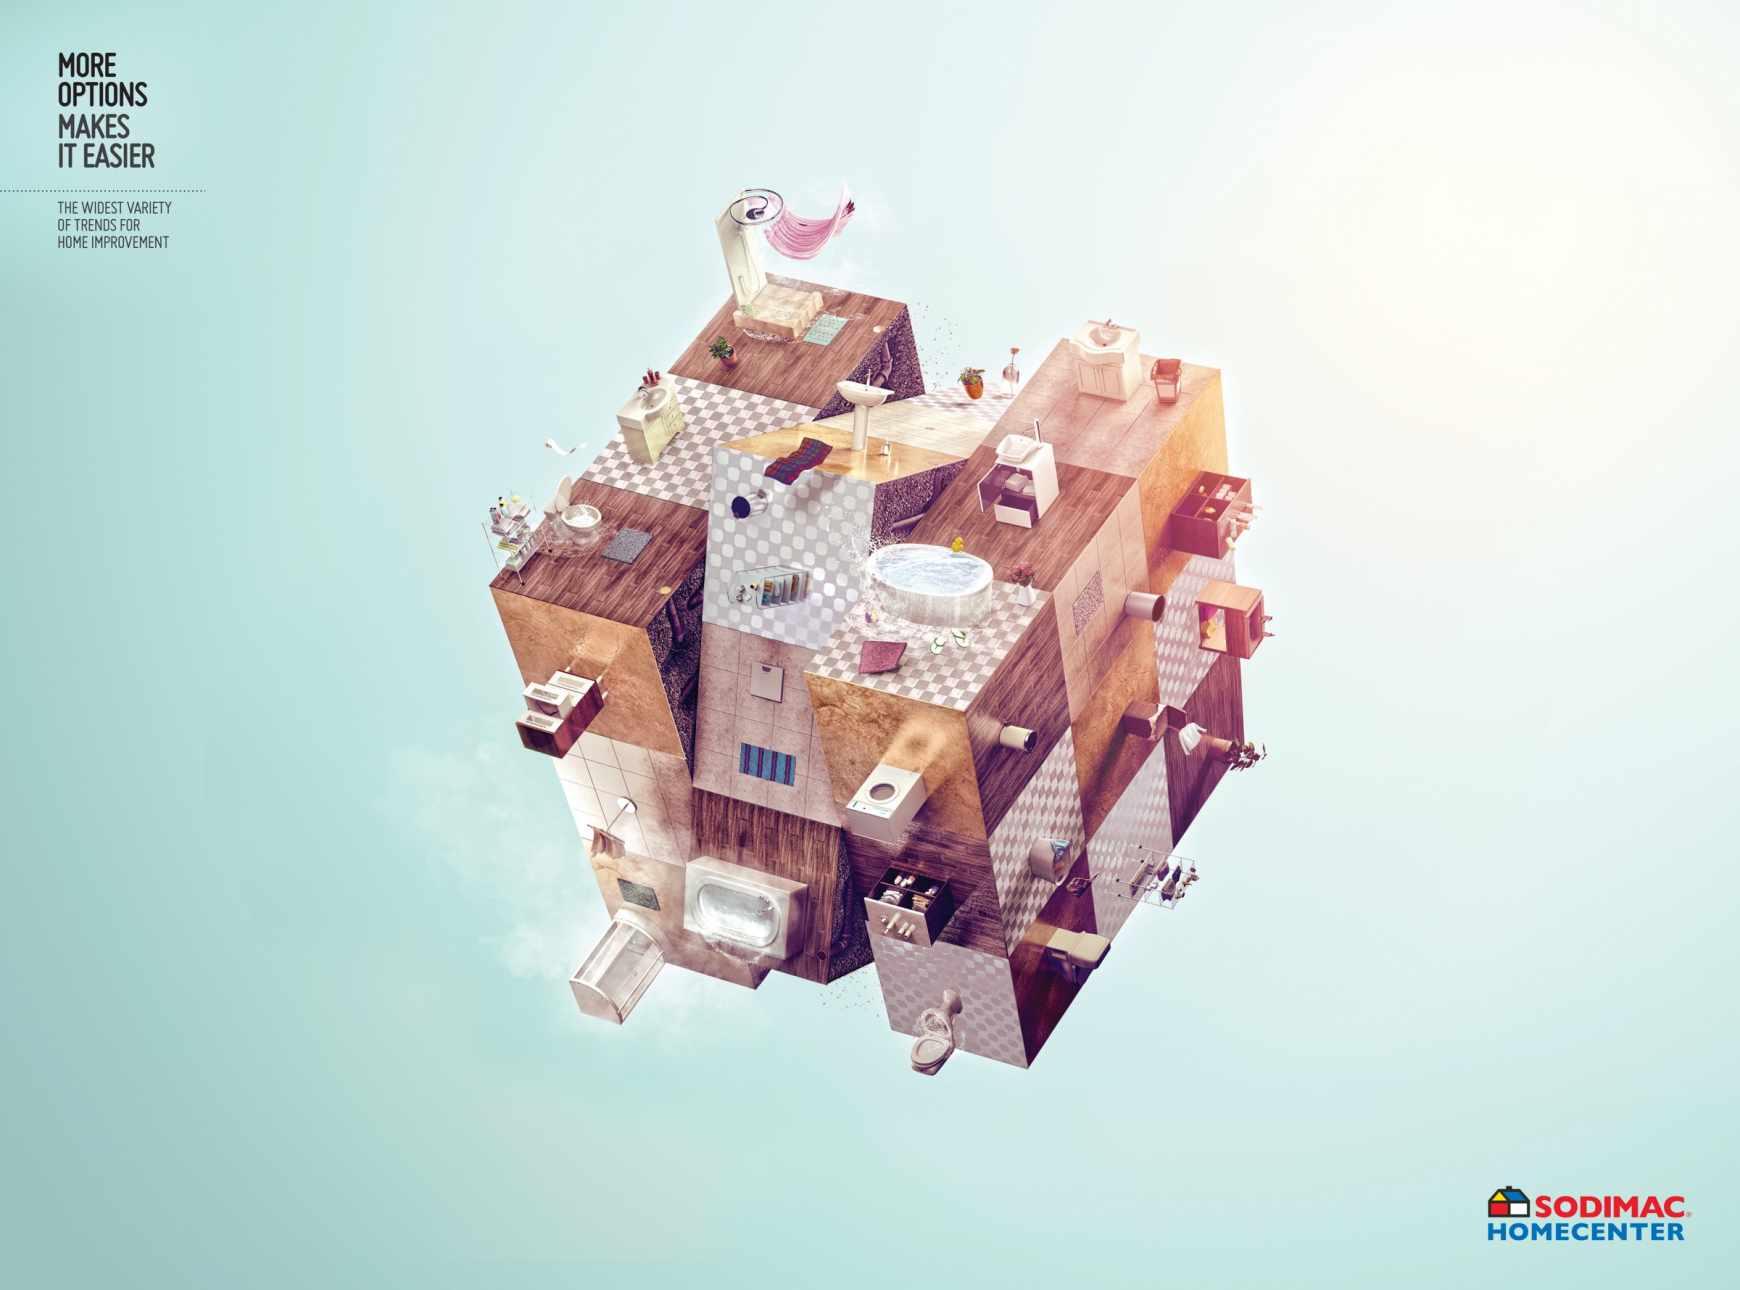 dans-ta-pub-publicite-print-creatif-creative-affiche-compilation-128-8